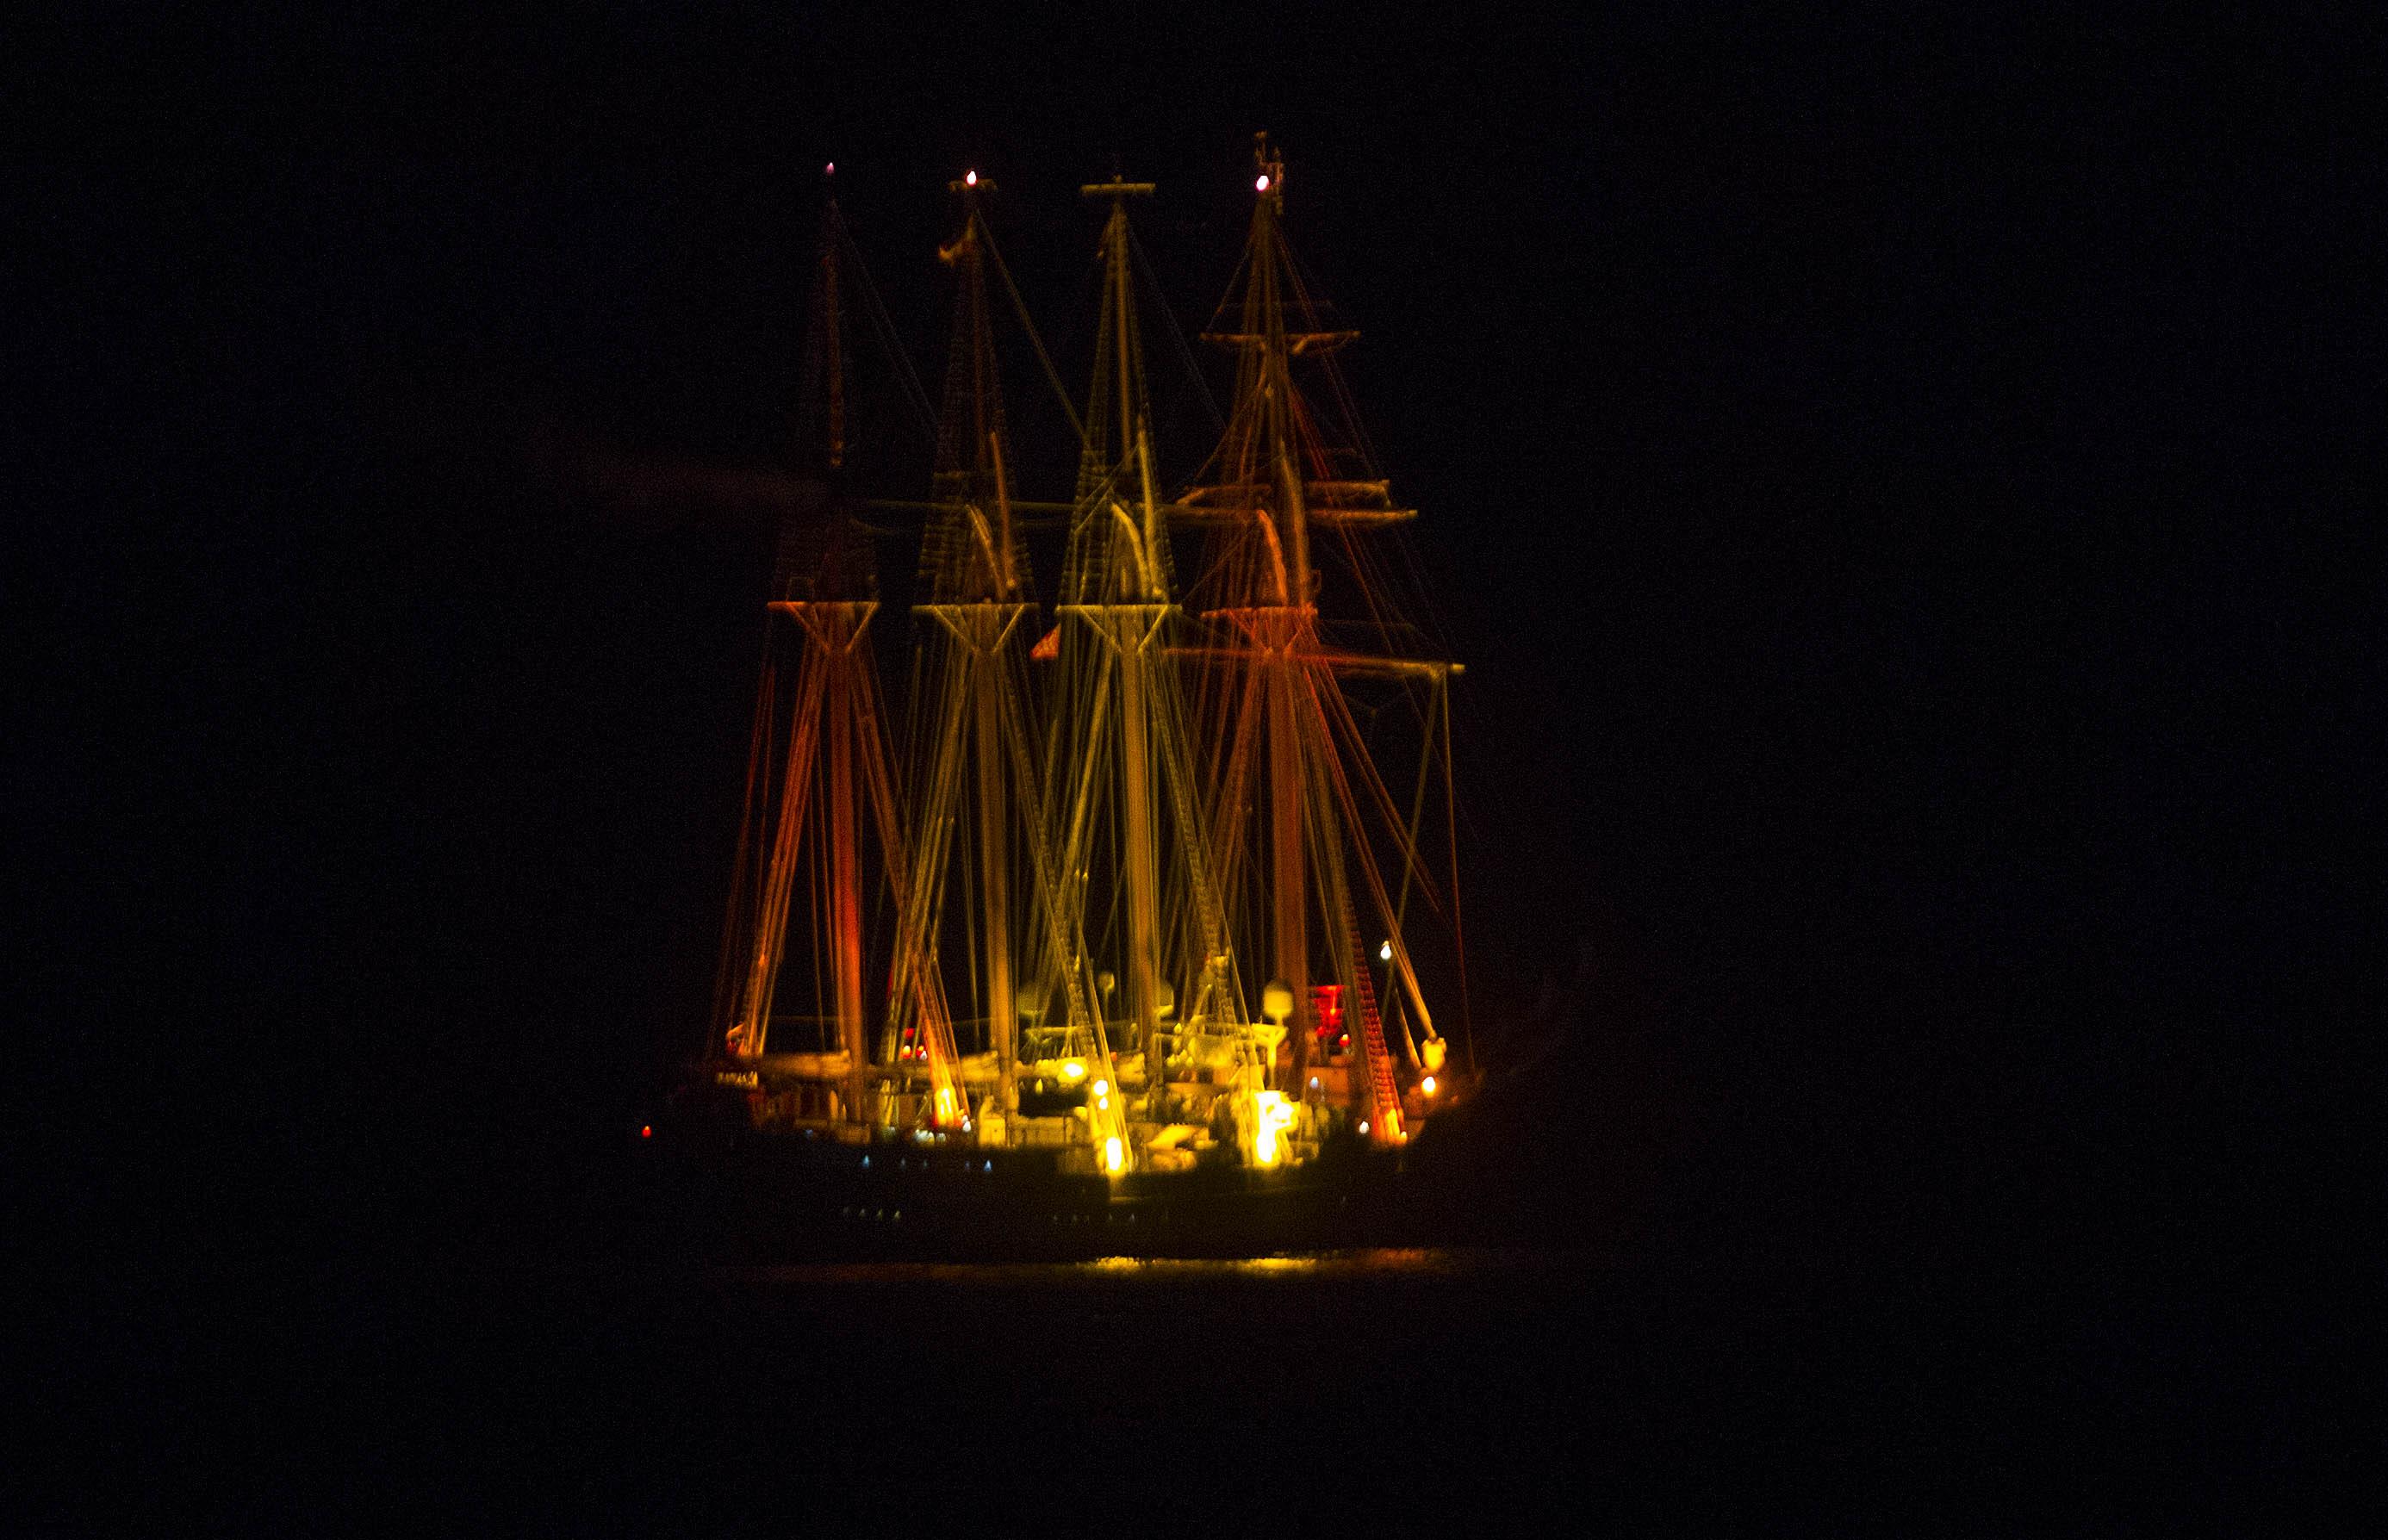 El Juan Sebastián de Elcano iluminado con la bandera de España, fondeado en la Bahía. Foto: Antonio Vázquez